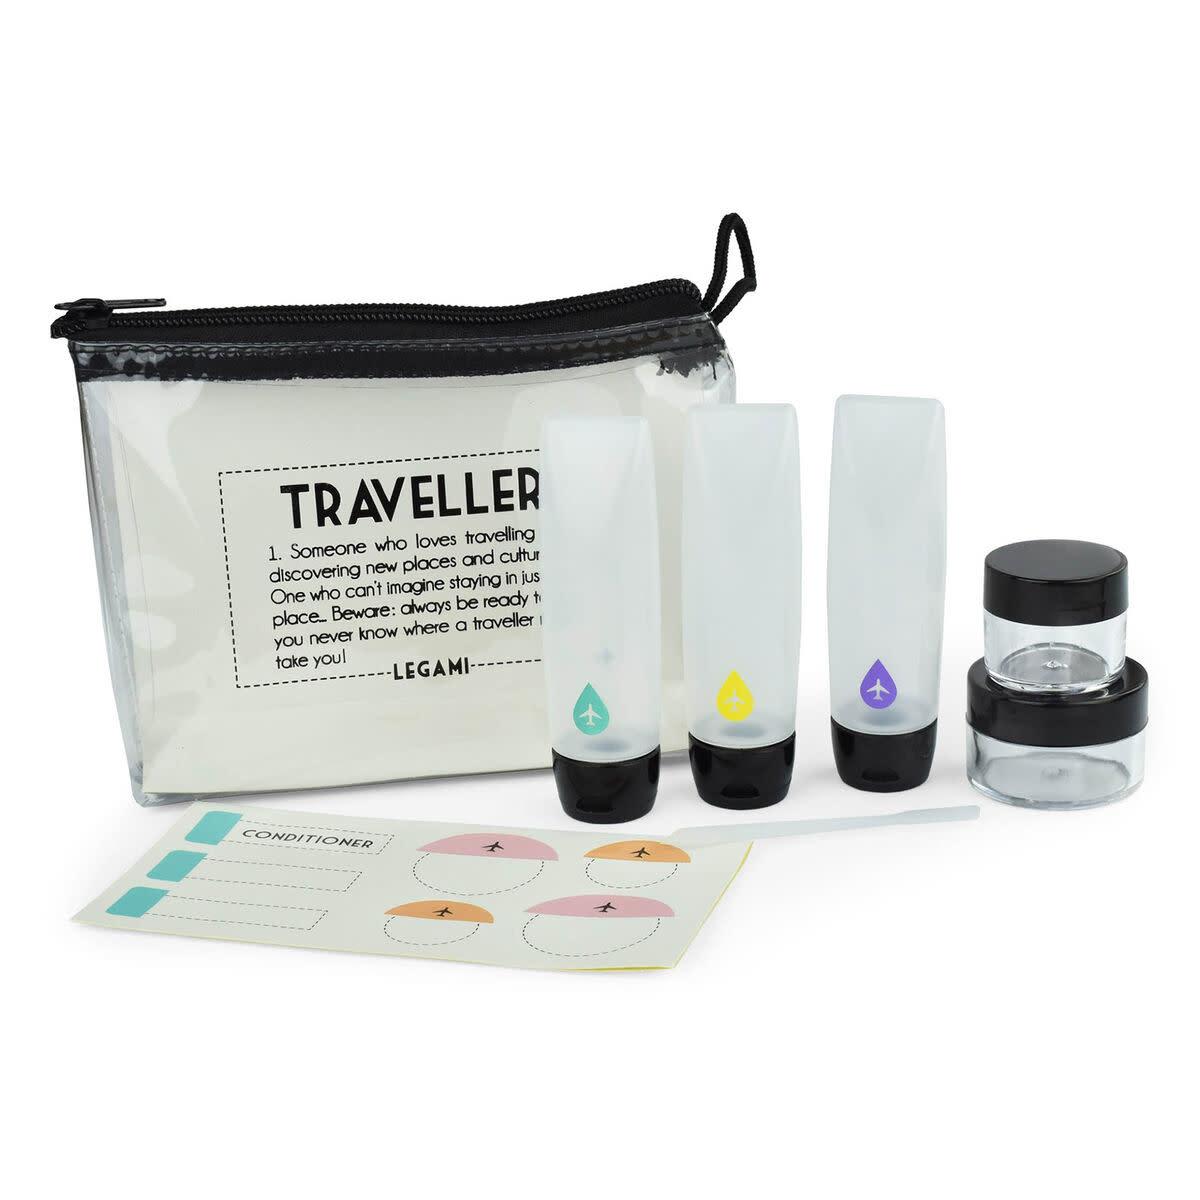 Legami Traveller kit